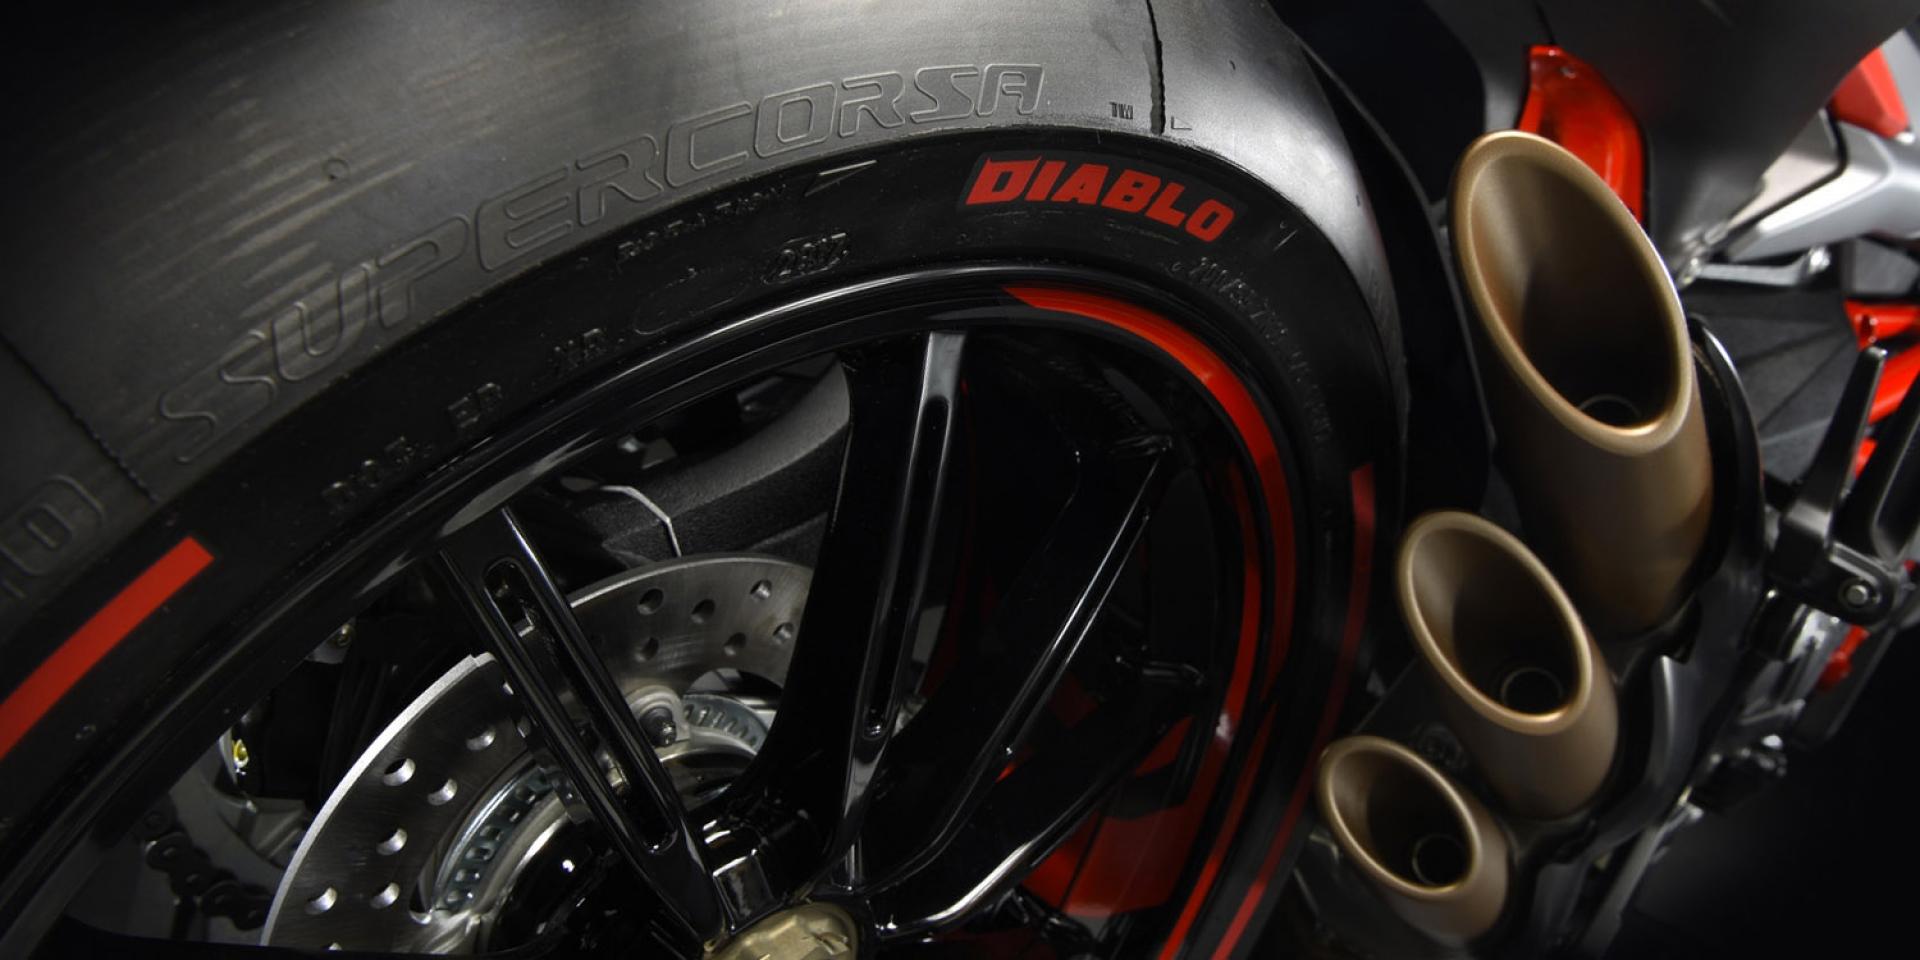 特仕車連發。MV Agusta攜手Pirelli新車發表